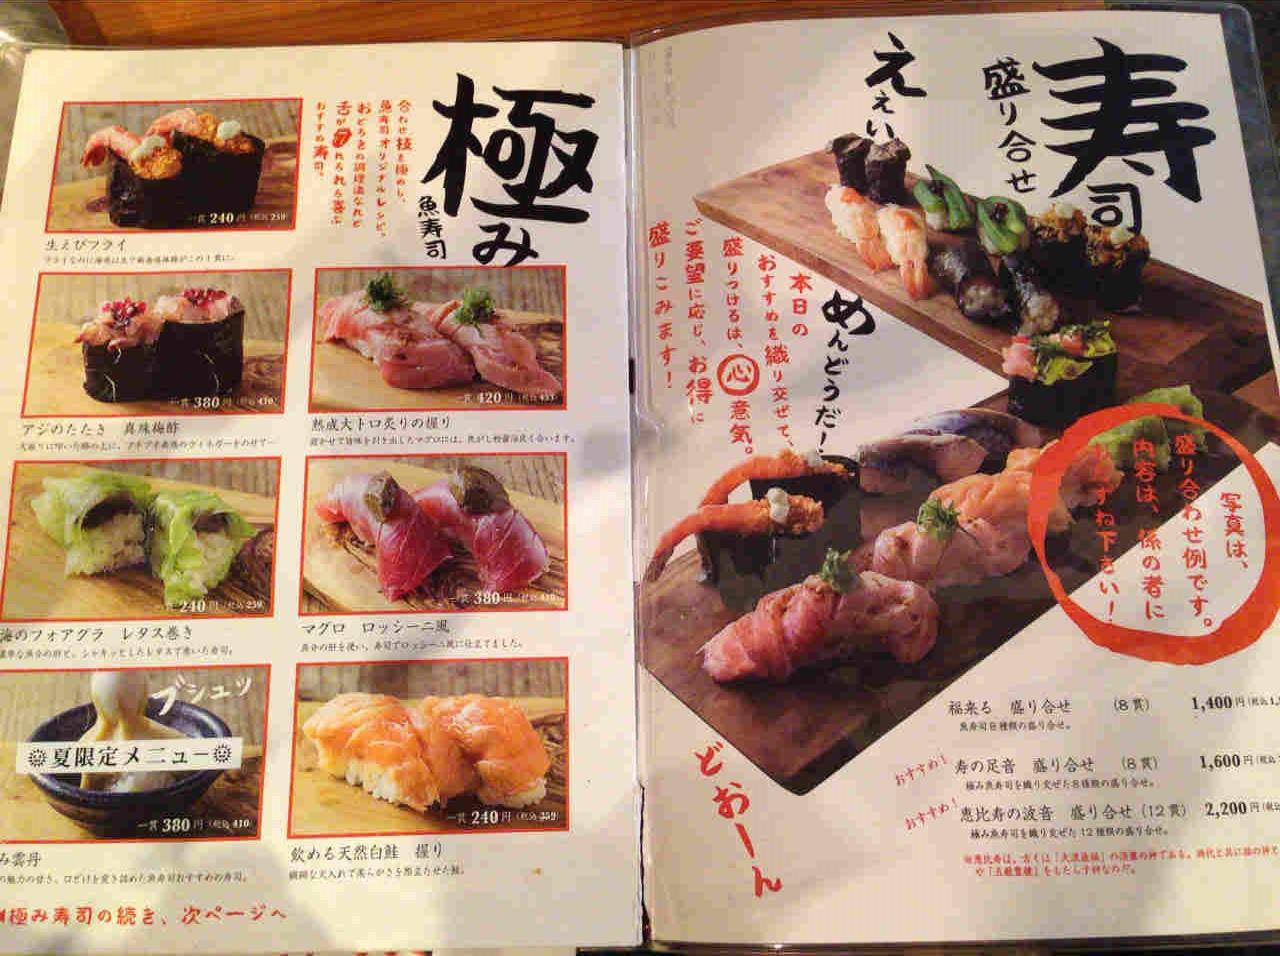 魚寿司 離のメニュー